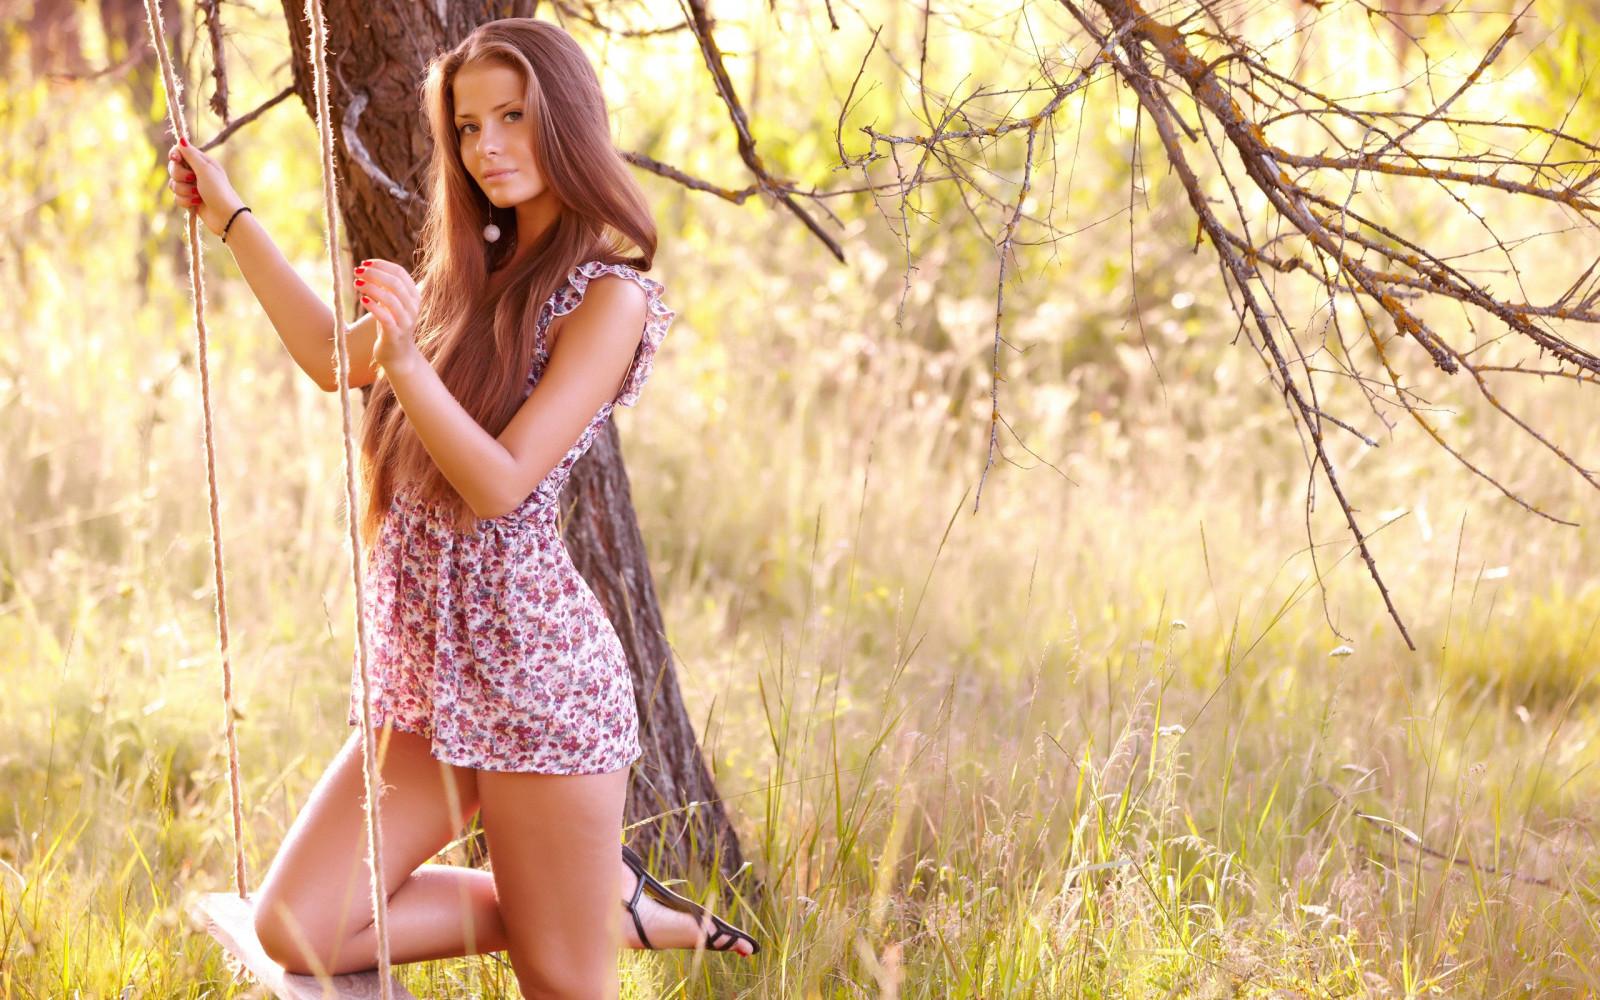 слънчева светлина дървета гора жени на открито Дами модел брюнетка трева на открито боядисани нокти фотография рокля люлка пролет есен цвете момиче красота сезон снимка ливада портретна фотография фотосесия